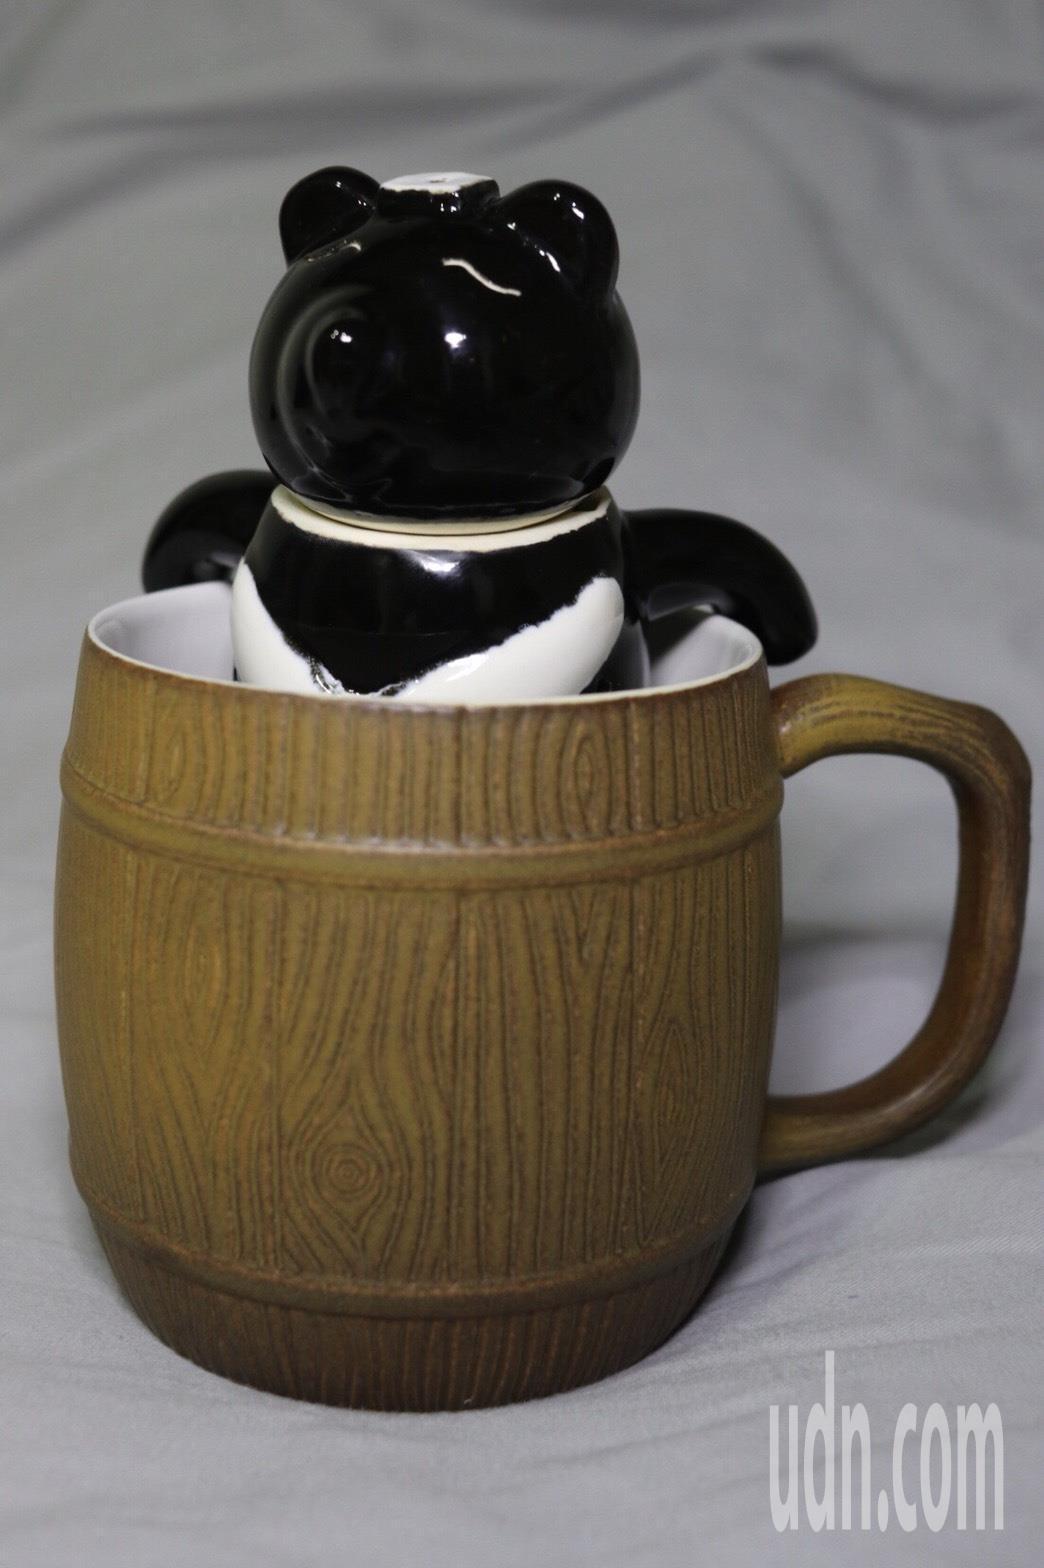 泡茶時將熊體放進茶杯,就像台灣黑熊在炮射水澡一樣,十分療育。記者曾健祐/攝影